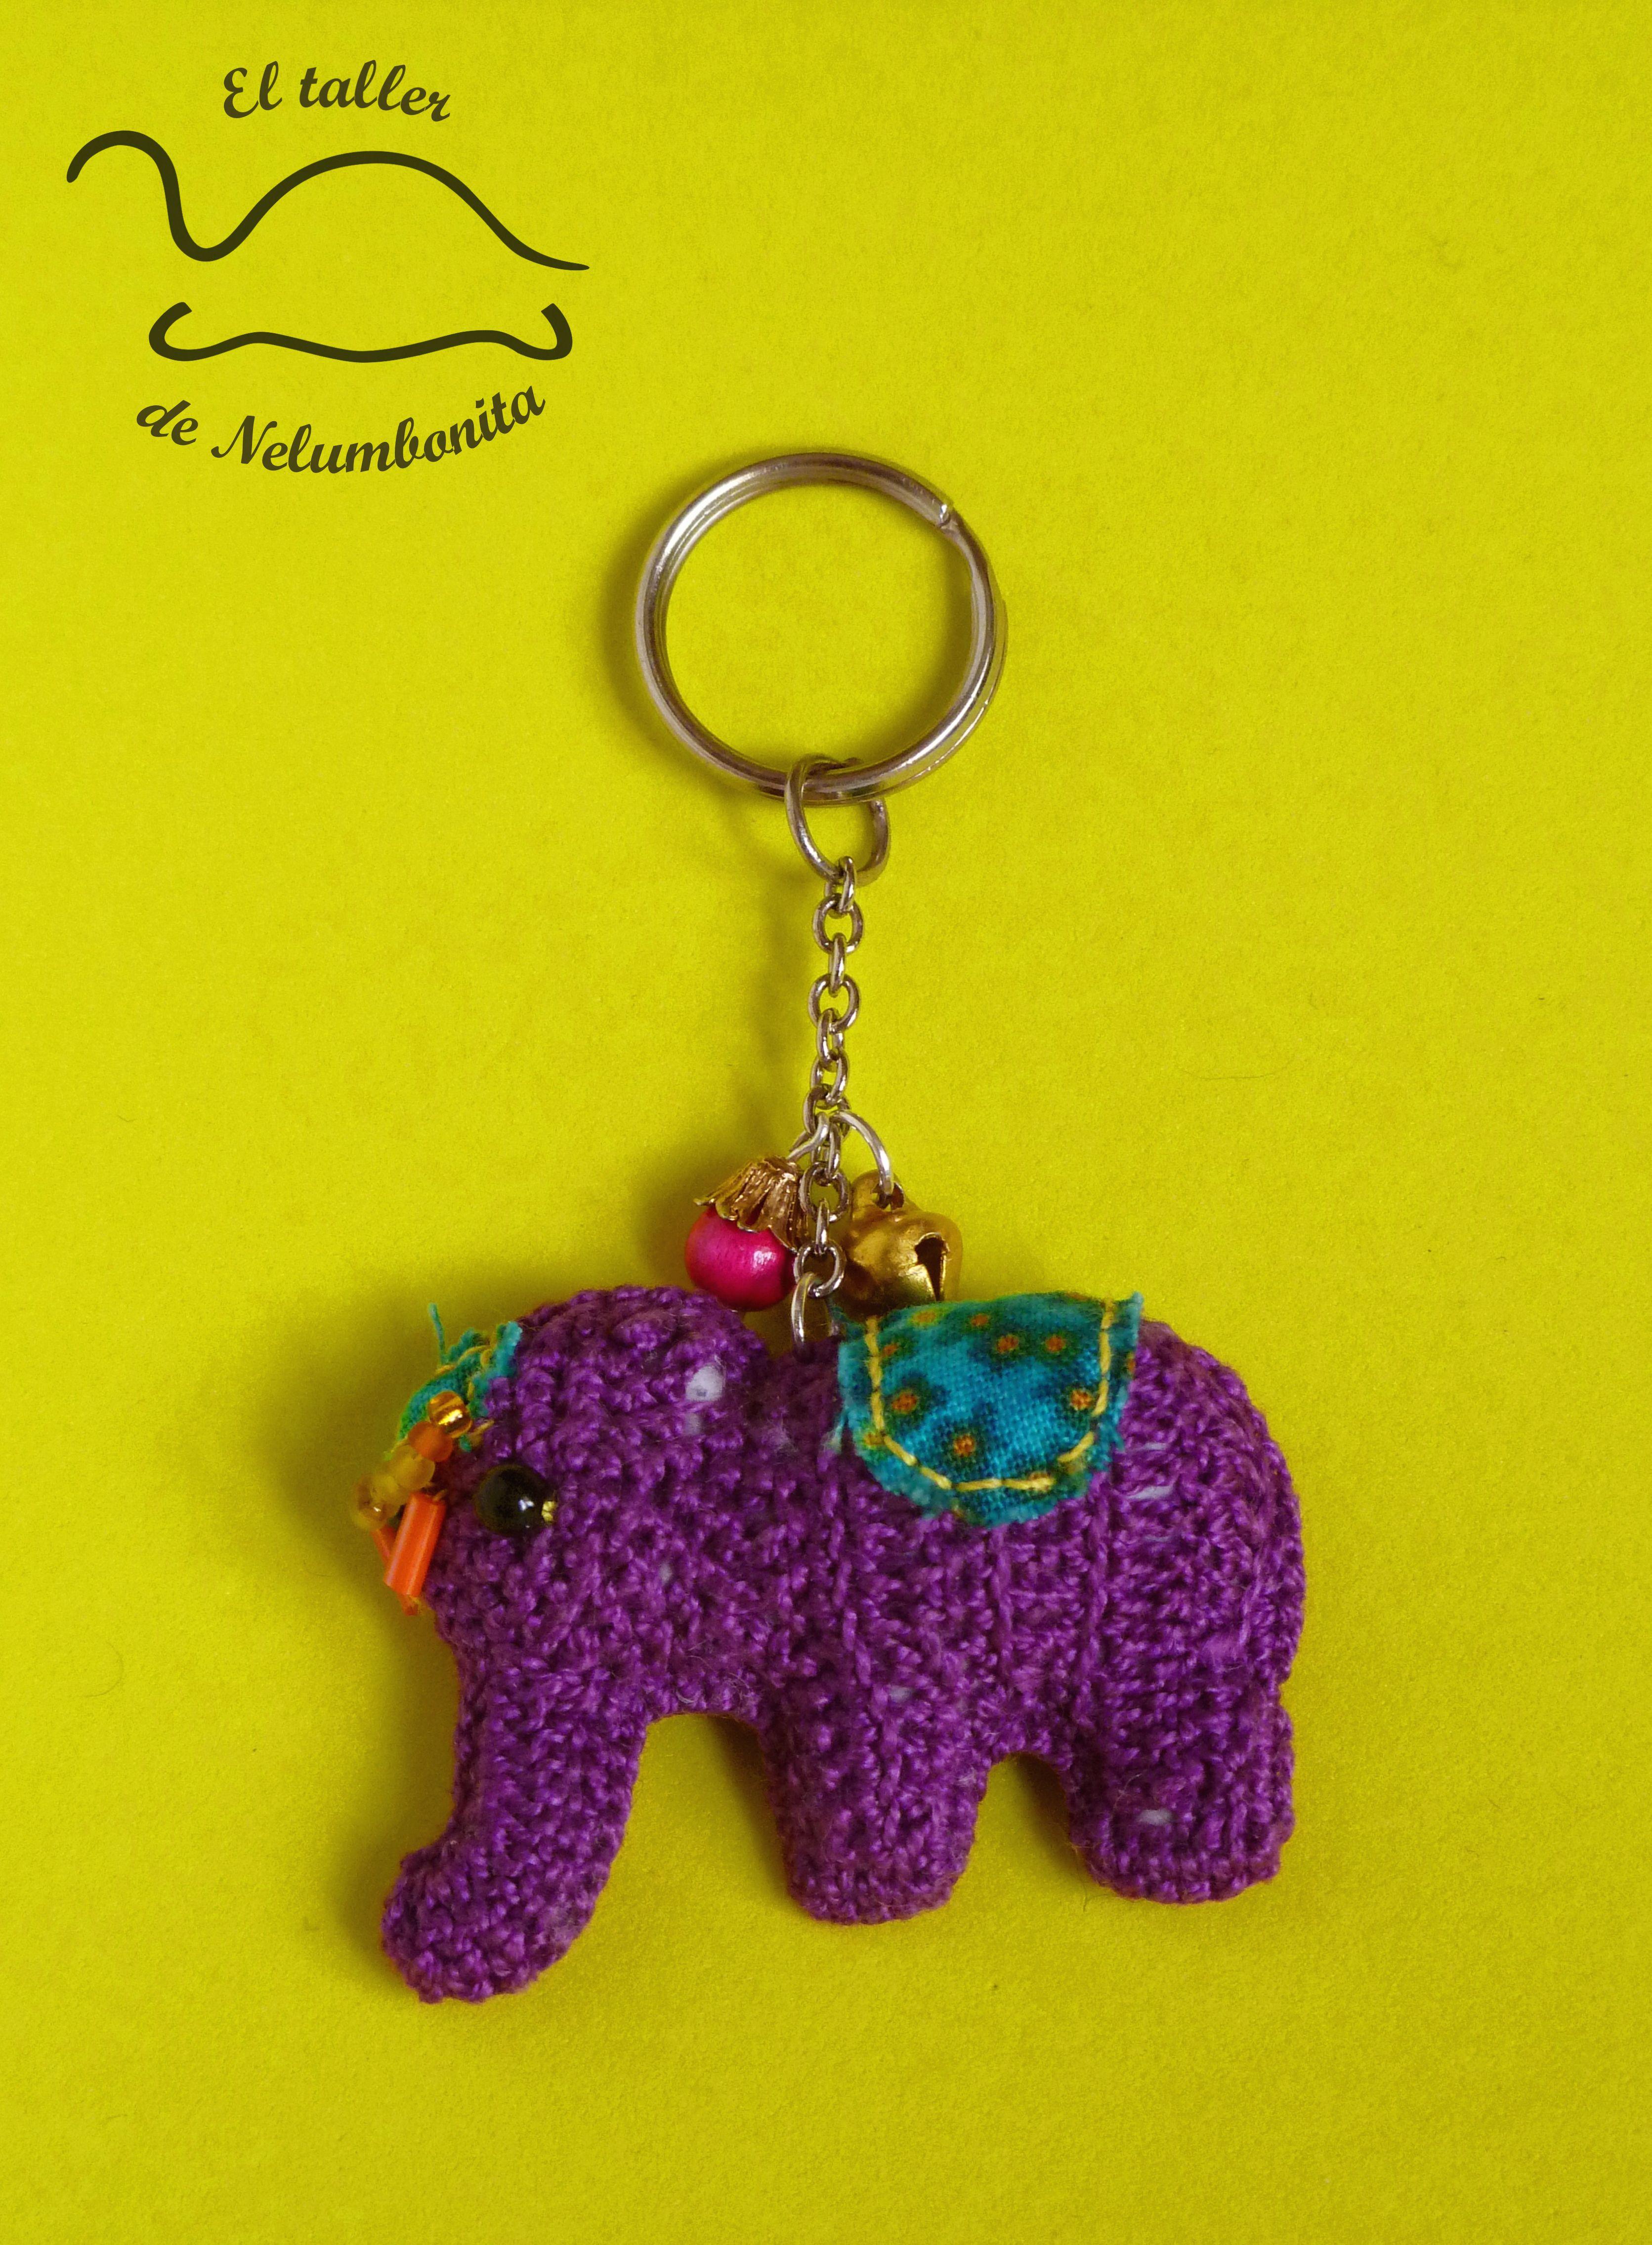 Llavero de elefante | Patrón Gratis | Pinterest | Llaveros ...